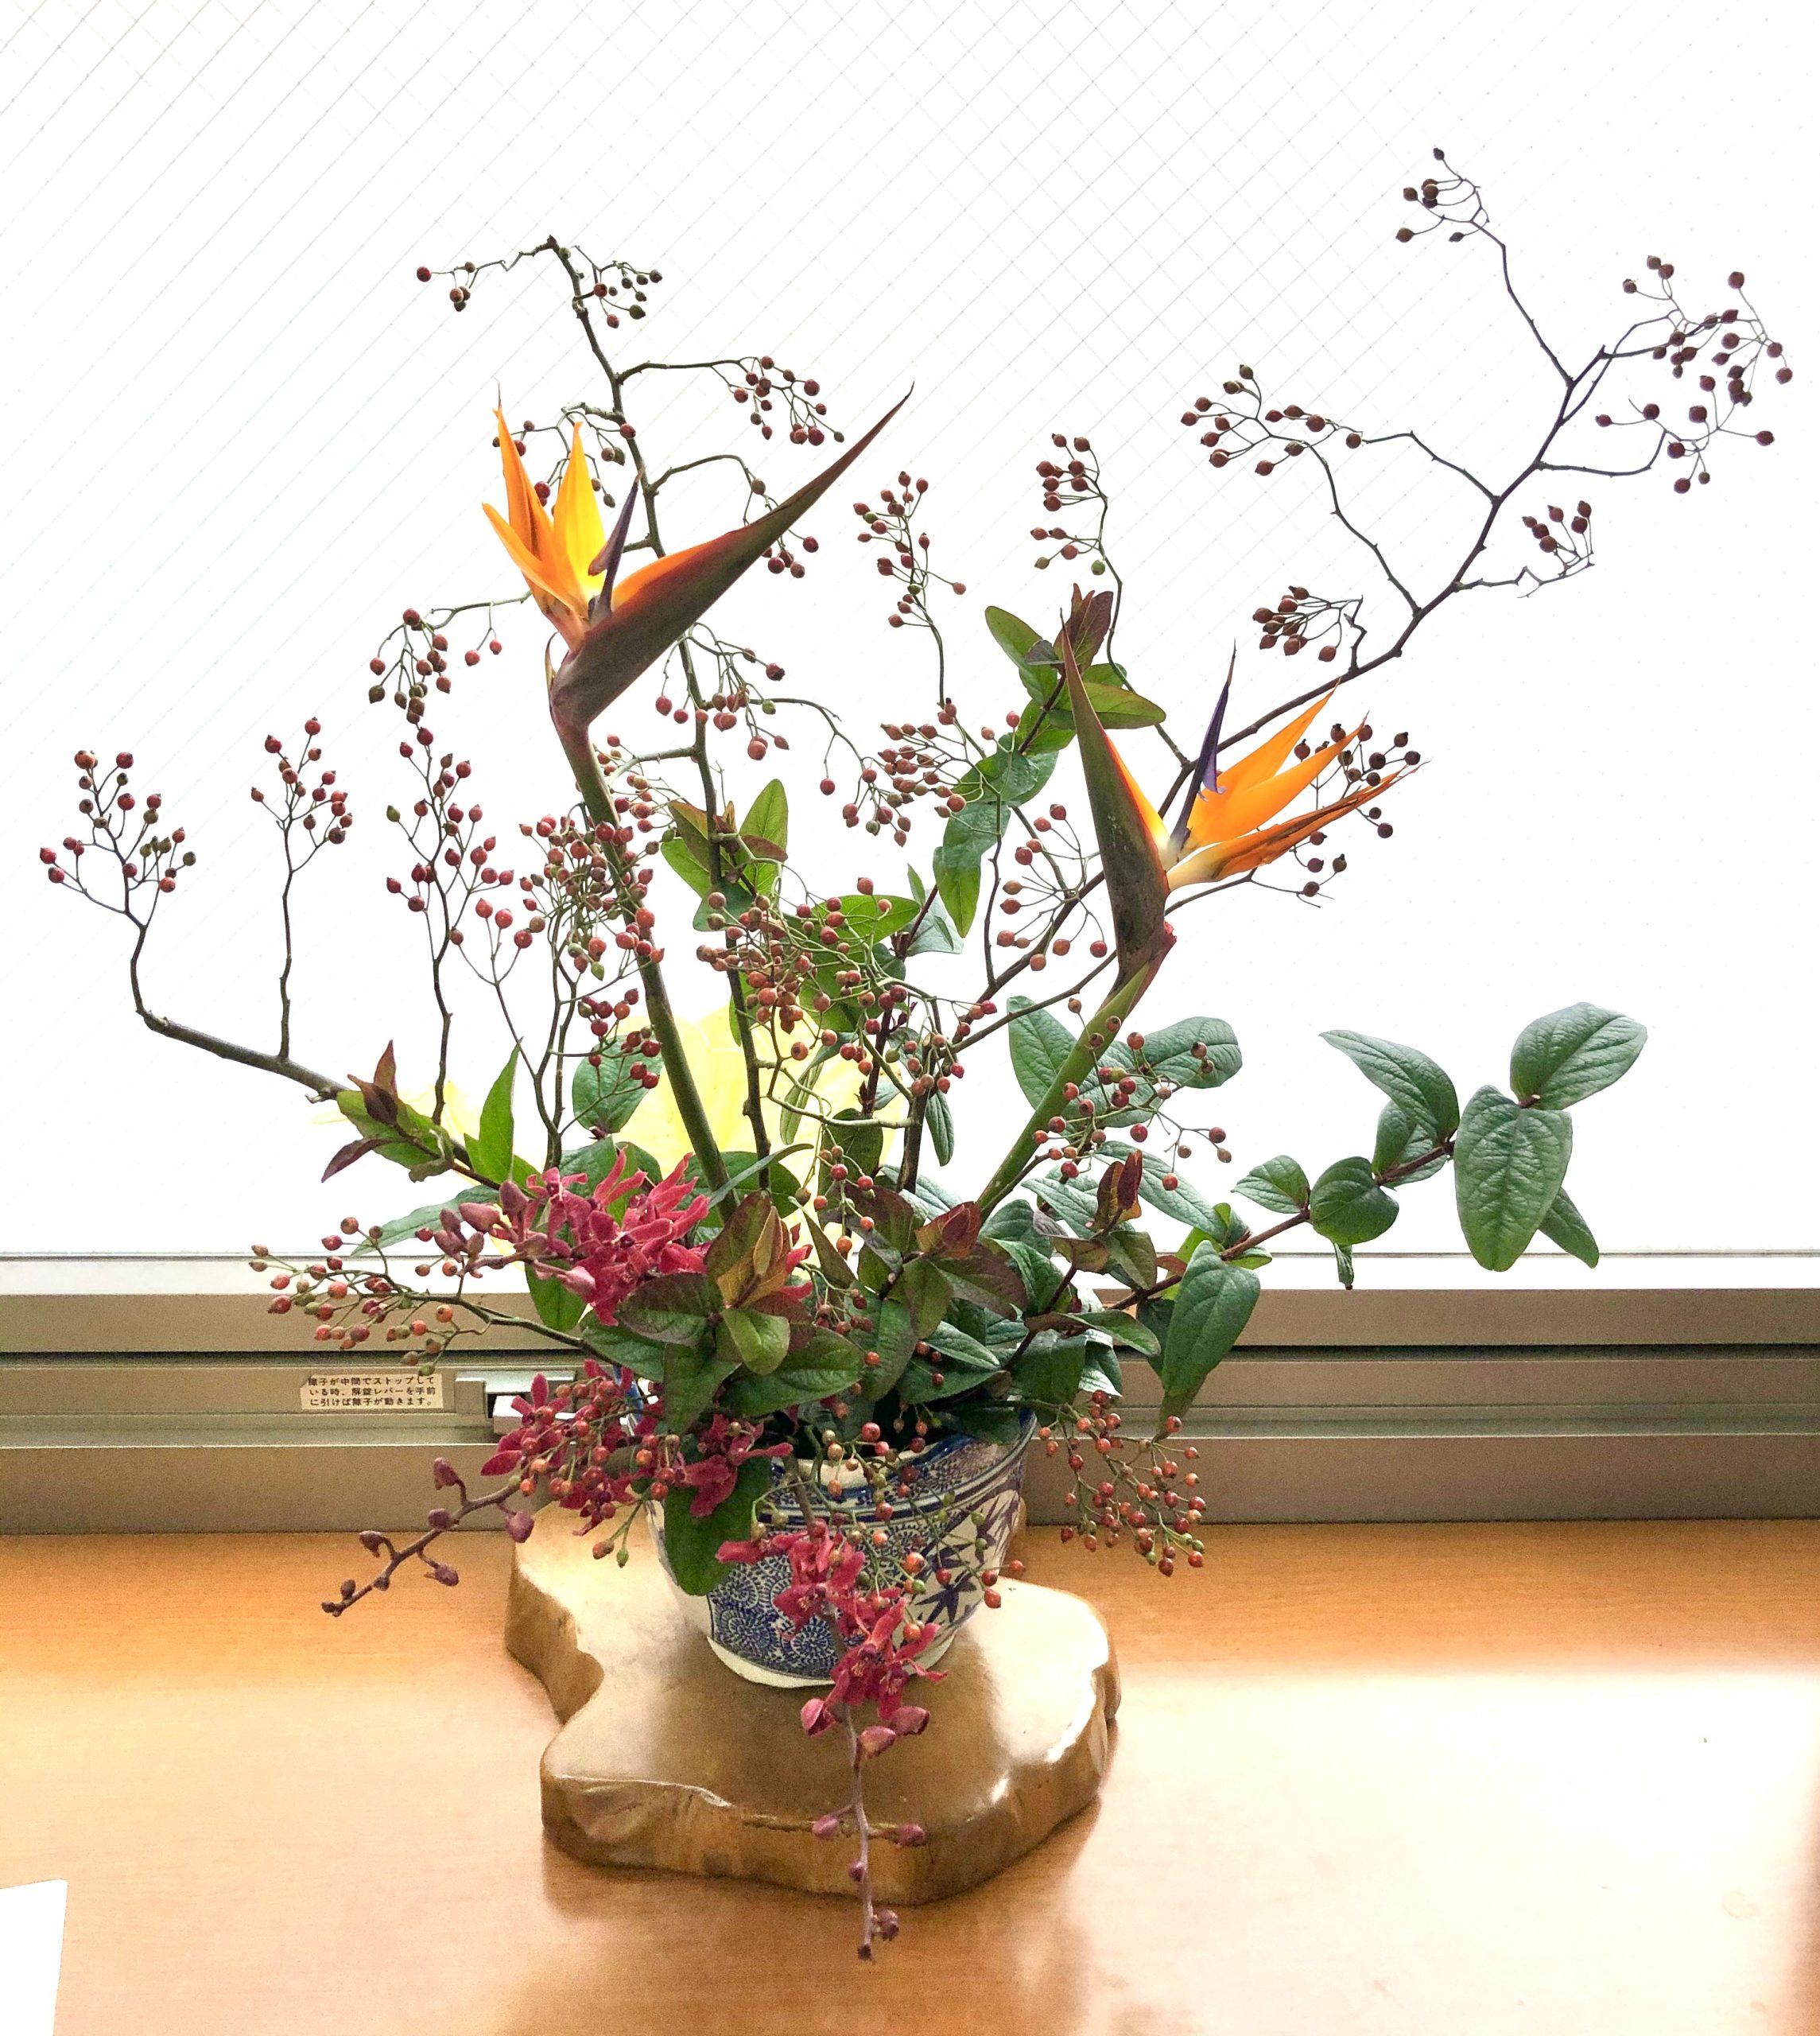 横浜市みなとみらいへ受付用装花を即日当日配達しました。【横浜花屋の花束・スタンド花・胡蝶蘭・バルーン・アレンジメント配達事例810】